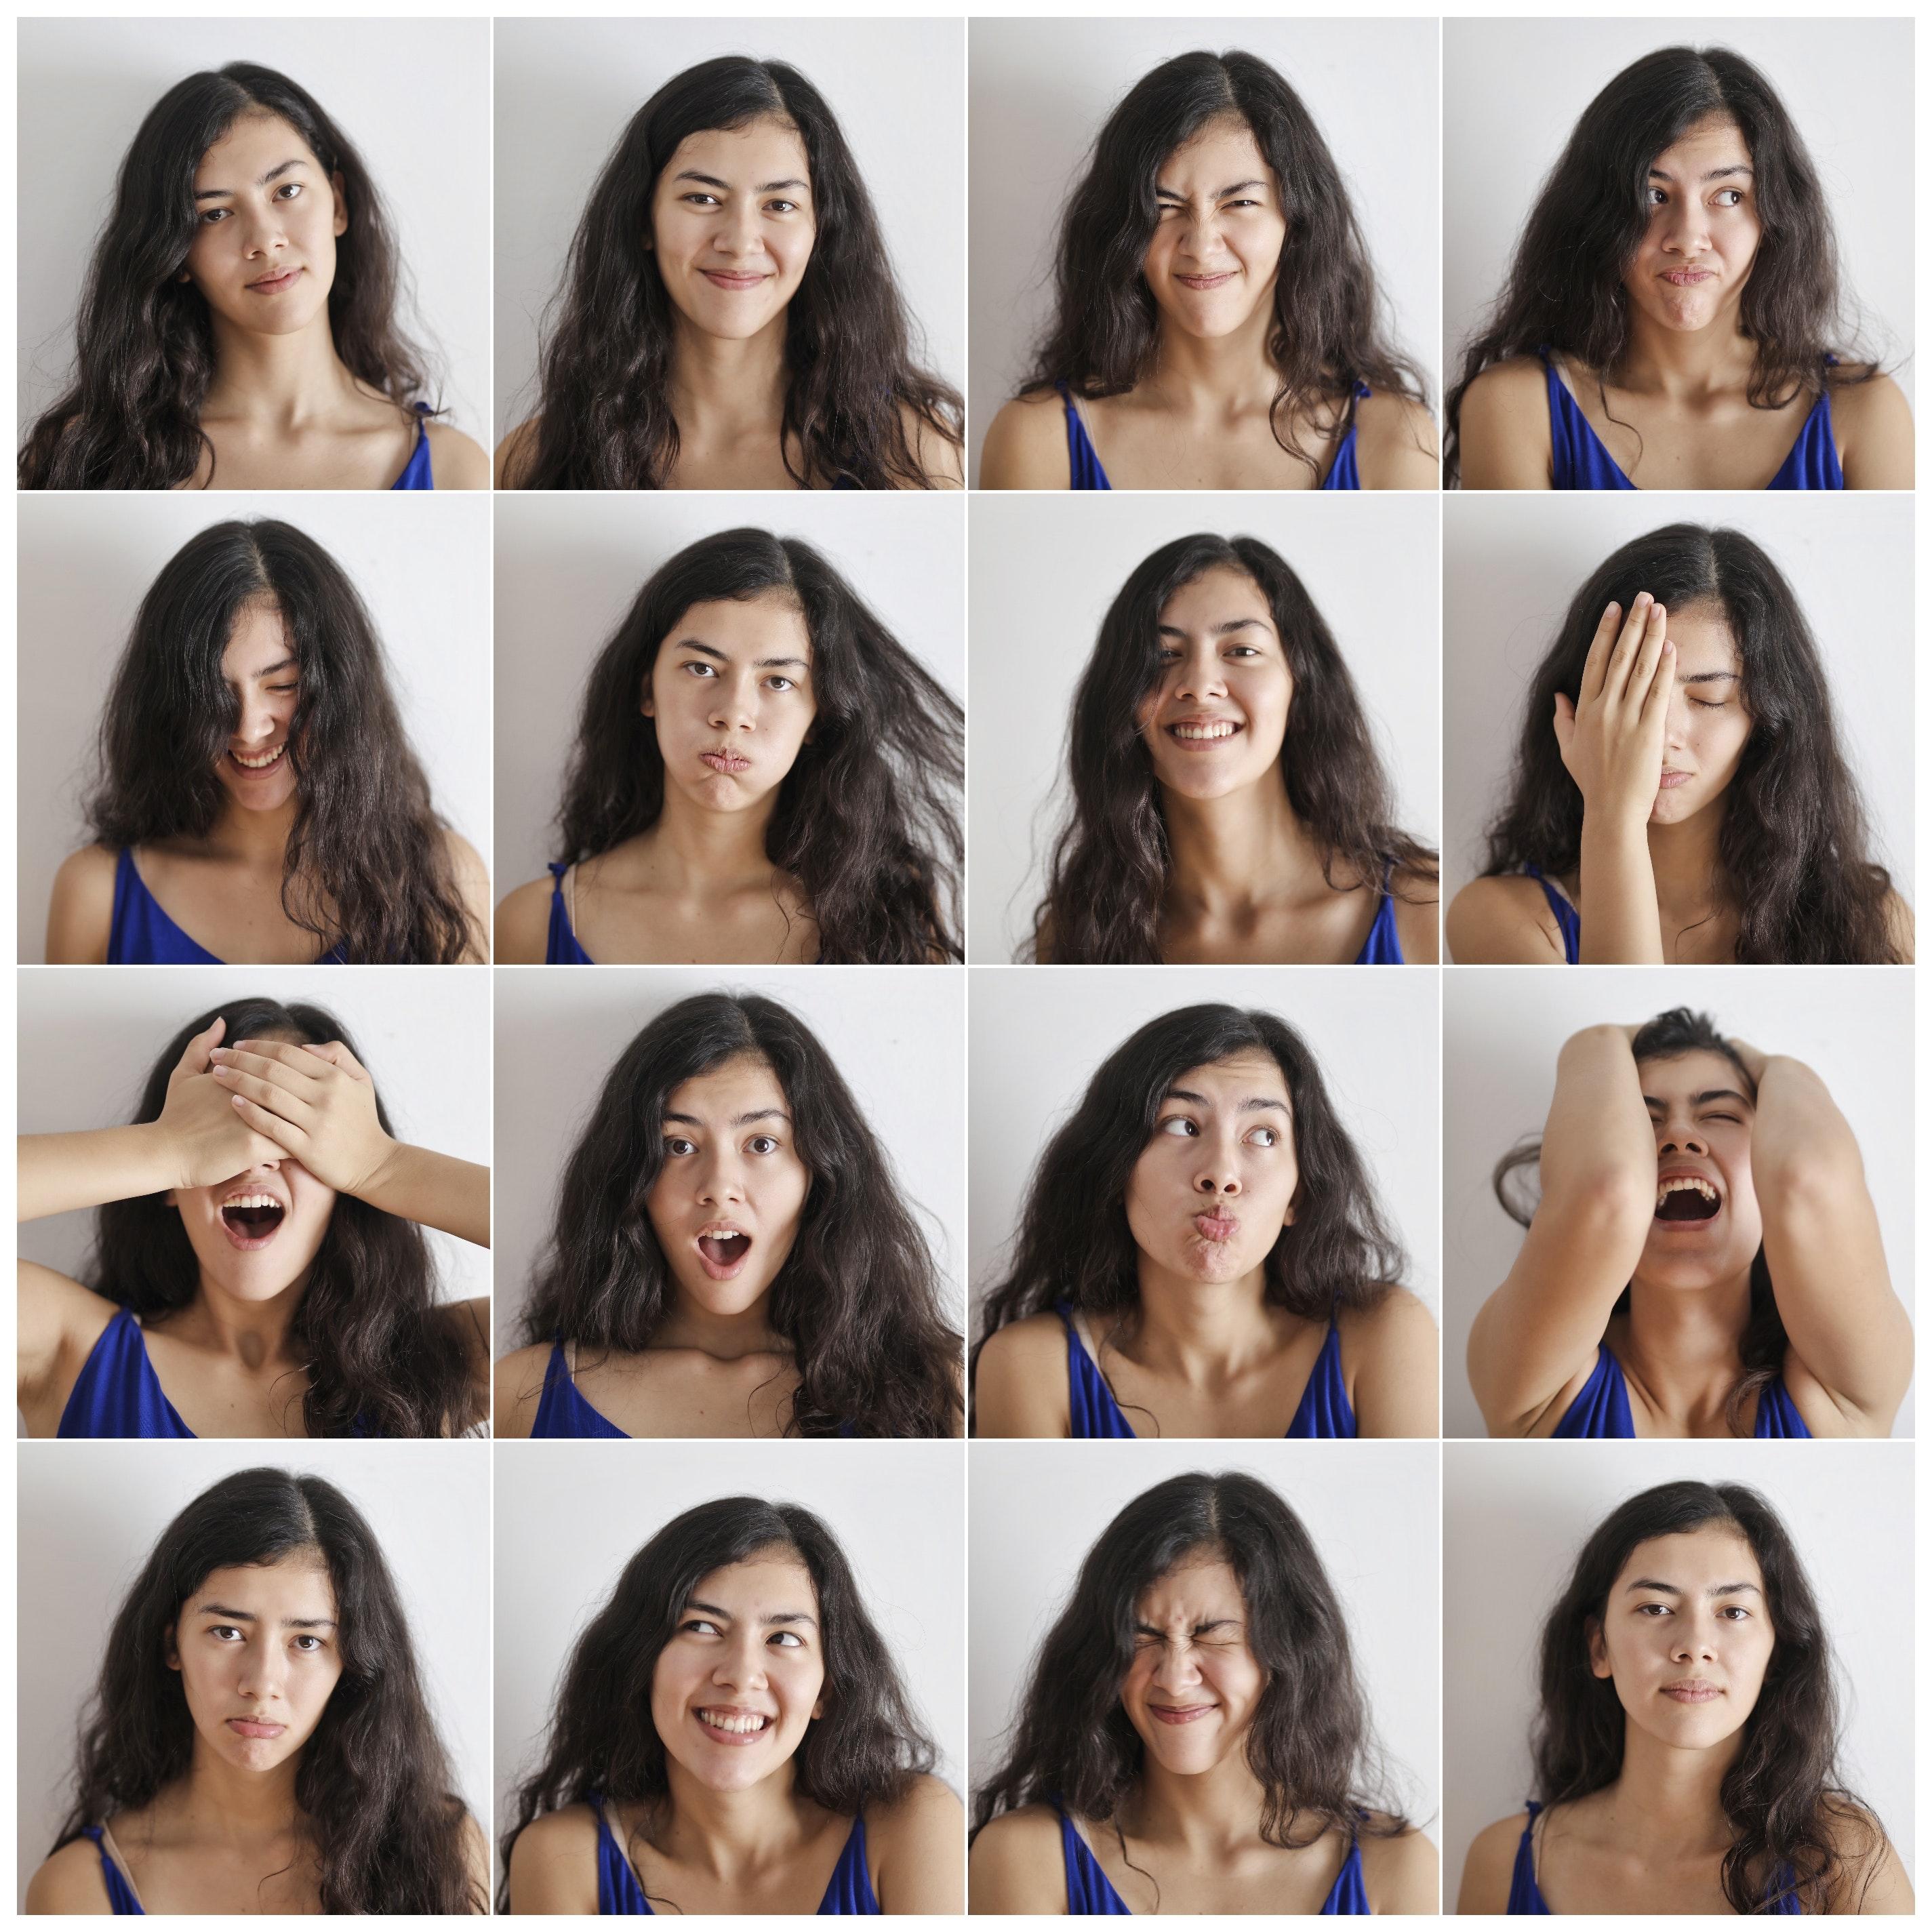 Coaching Emotional Intelligence